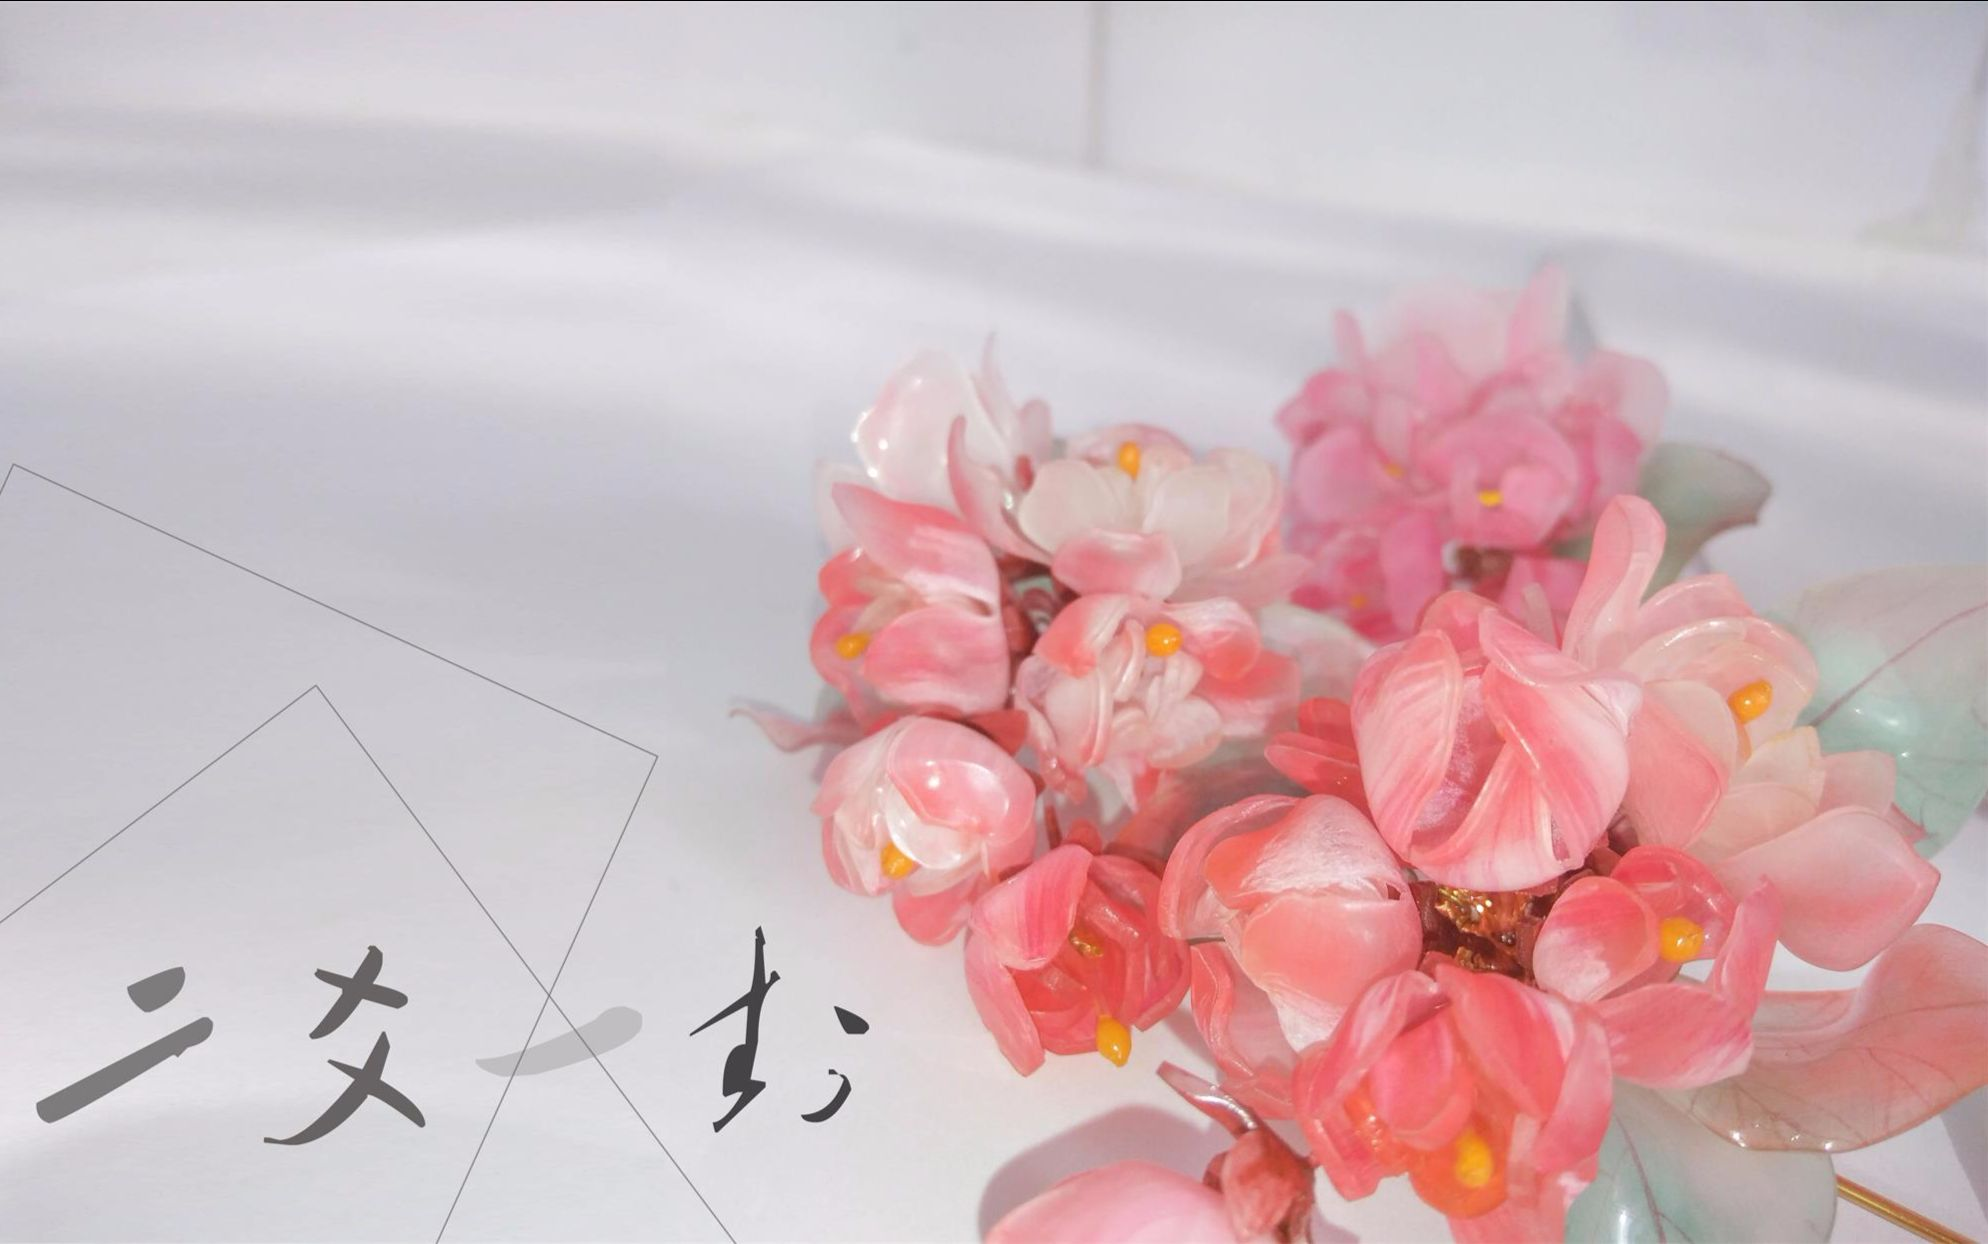 花教程_【热缩片】【半热缩花花教程】春天的海棠花如果不赶紧欣赏就要凋谢啦